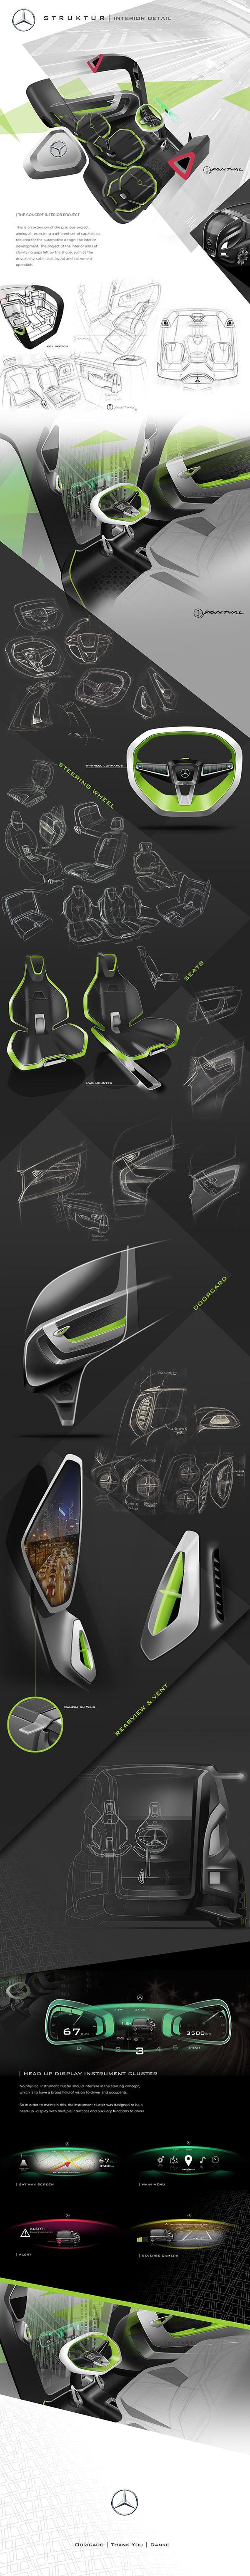 Mercedes-Benz Accelo Struktur Interior Design on Behance